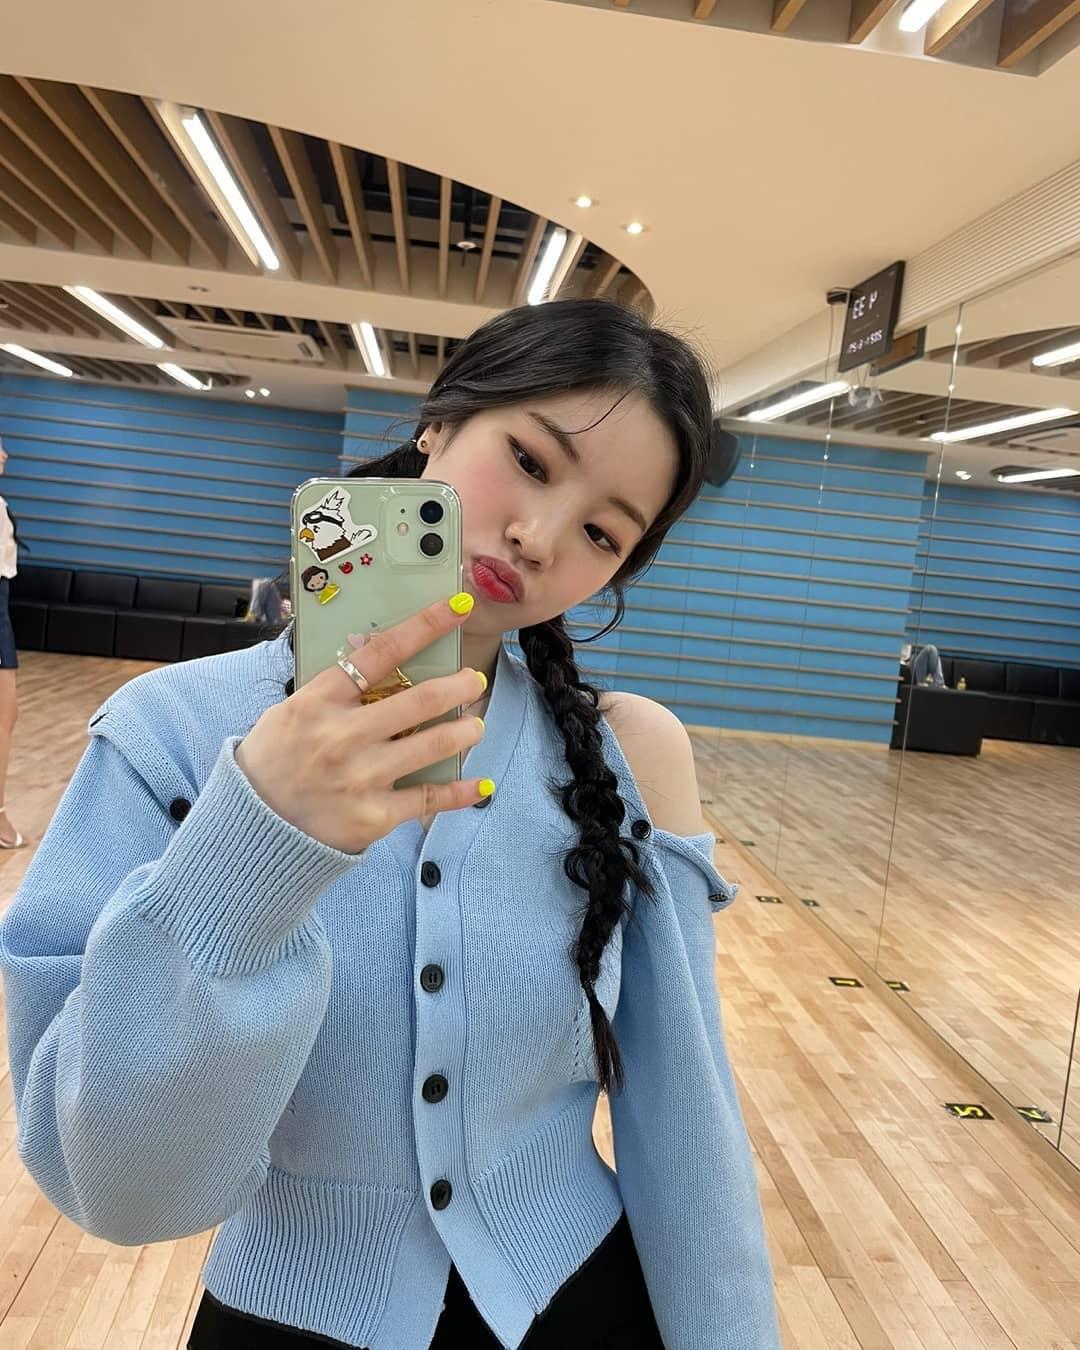 Kiểu tóc 'cưa sừng' được loạt mỹ nhân châu Á lăng xê: Song Hye Kyo và Angela Baby đều có cú nhảy vọt nhan sắc - Ảnh 7